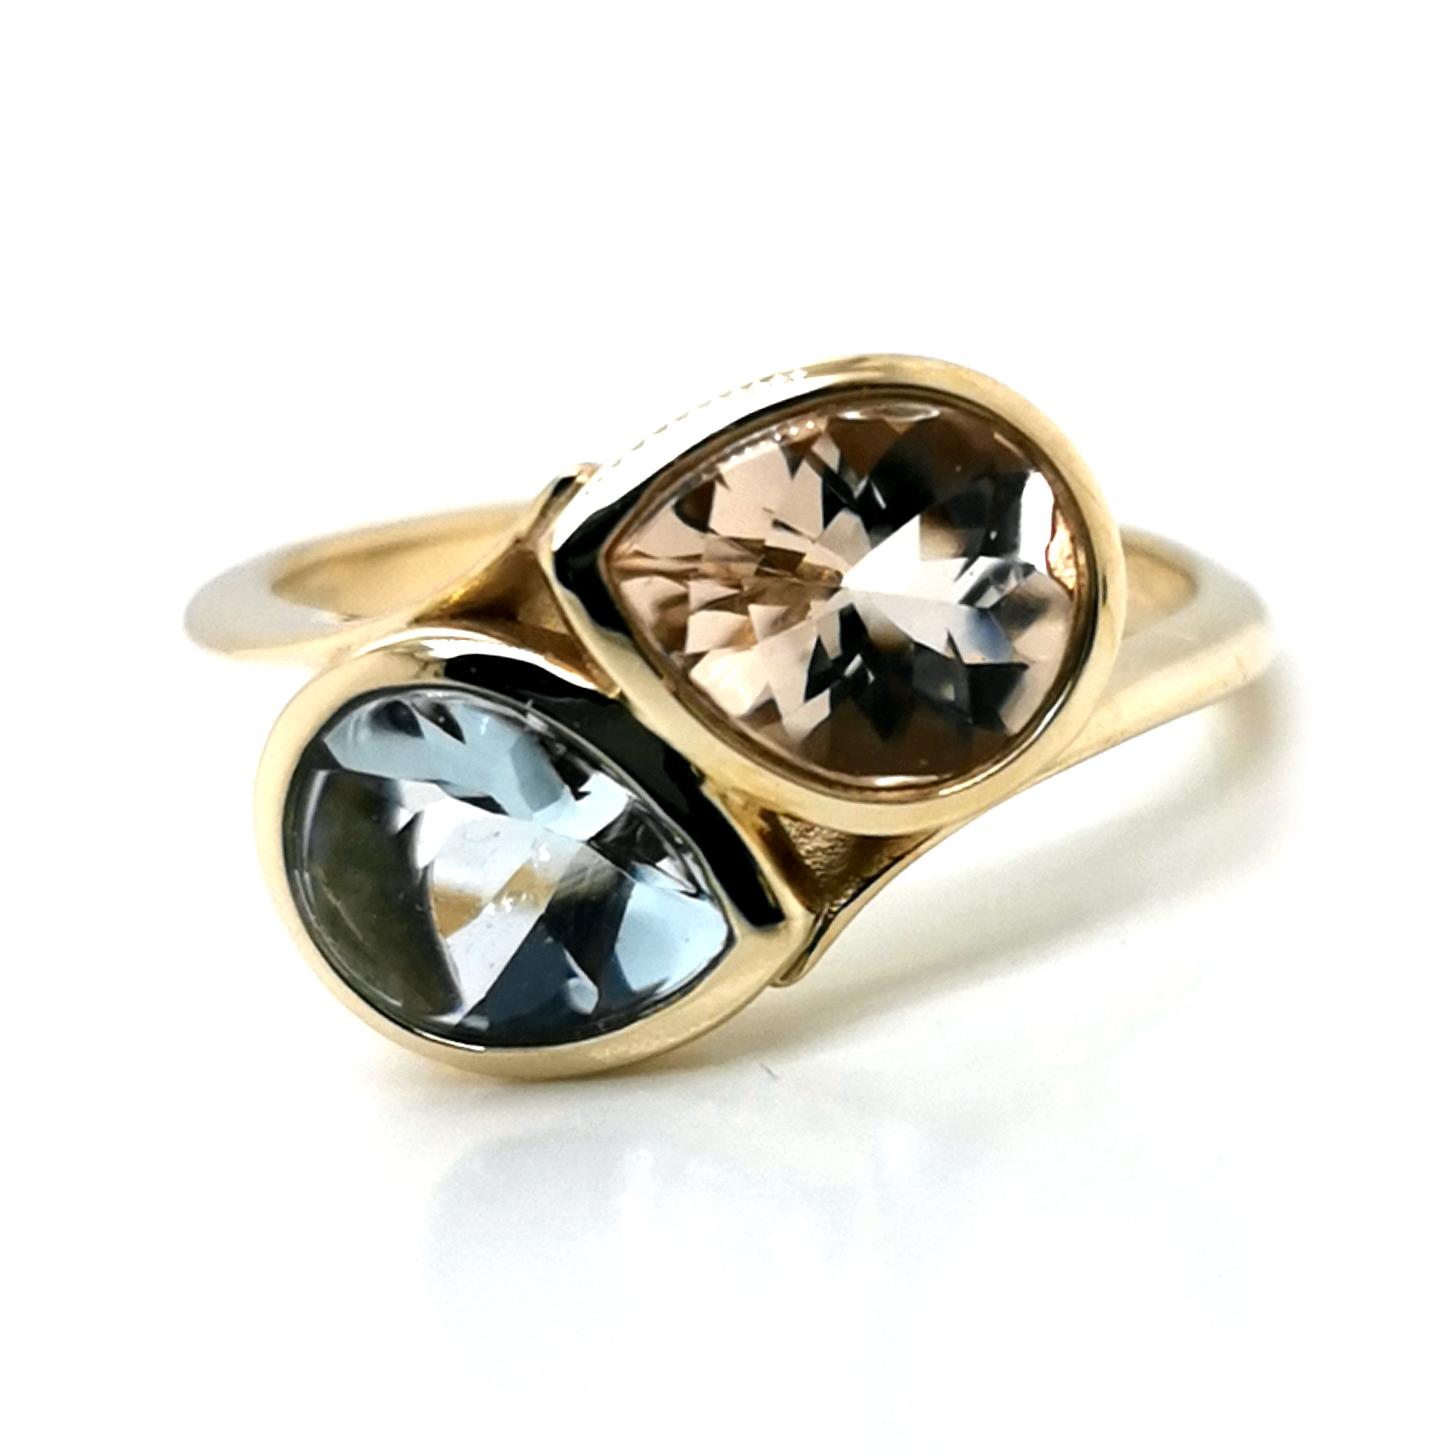 Ring mit Morganit & Aquamarin, facettiert zus. ca. 3 ct Edelstein, aus 375 Gelbgold, Sogni d´oro Facettenreich